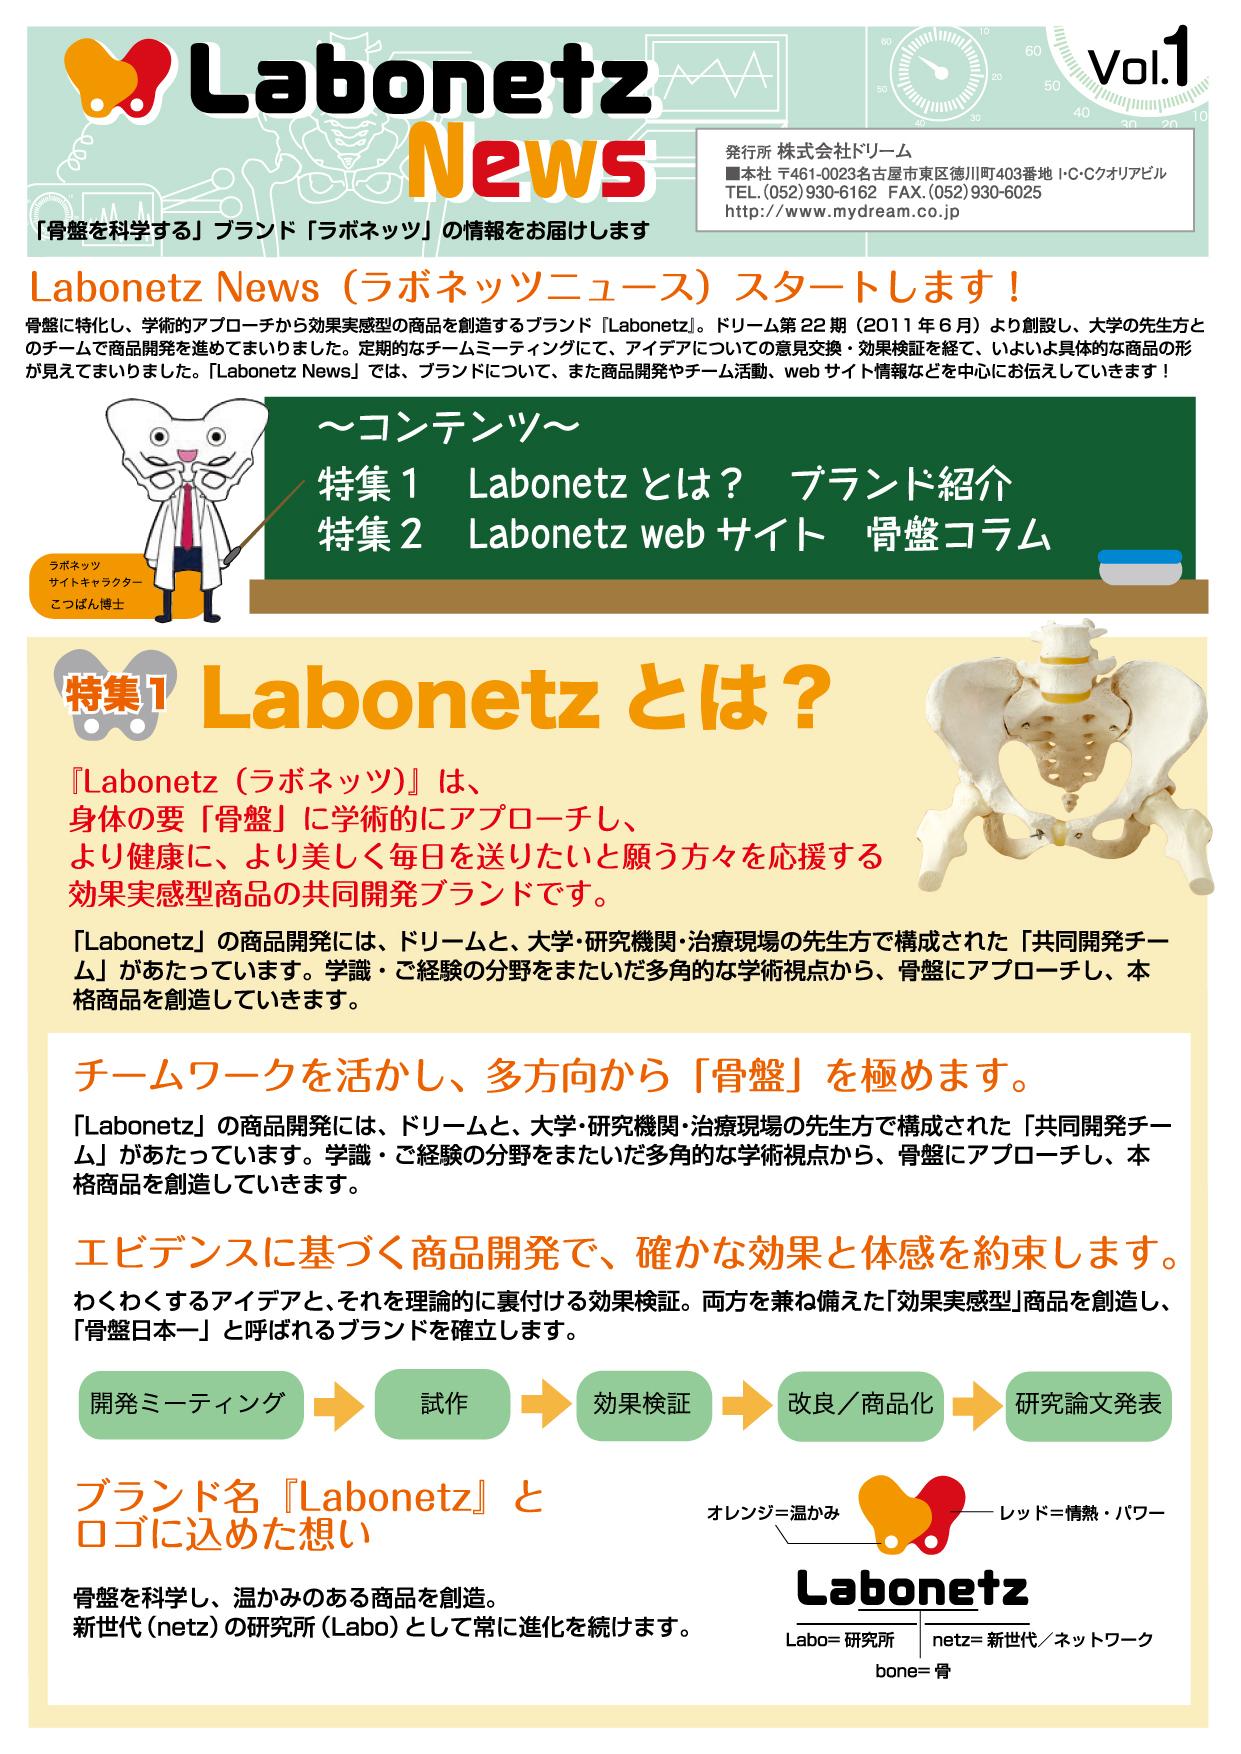 Labonetz news Vol.1